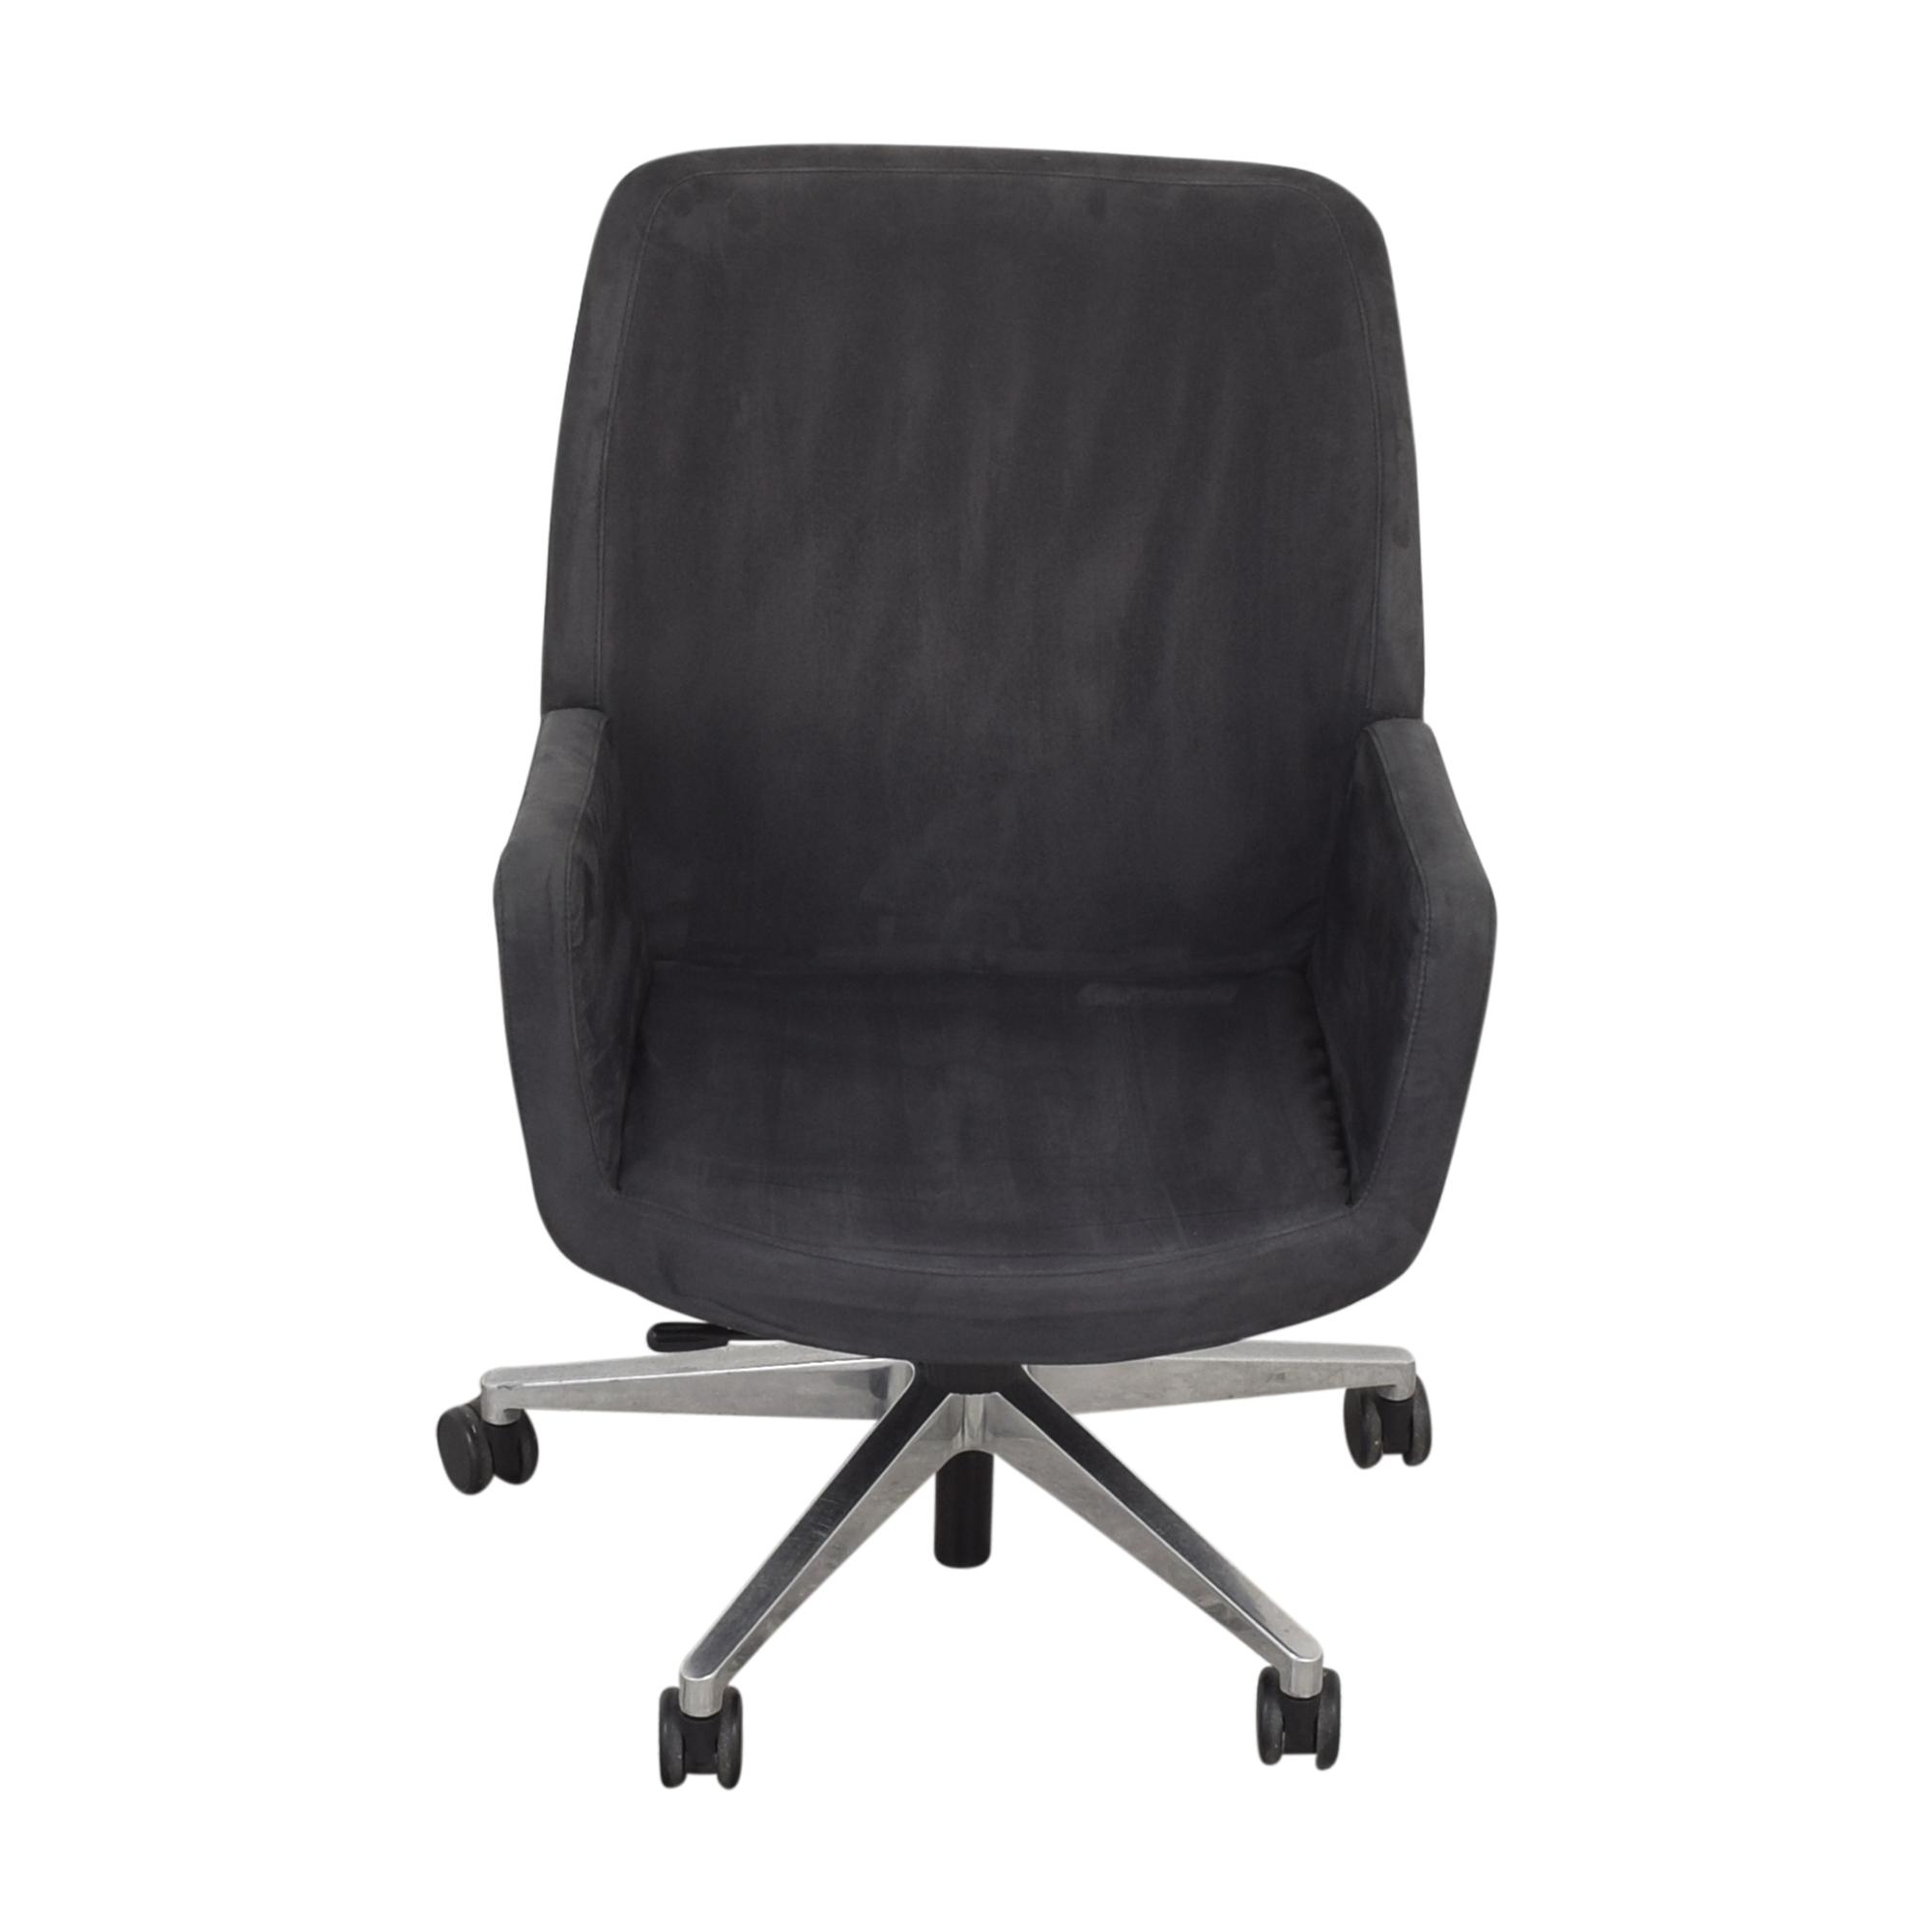 Steelcase Steelcase Coalesse Bindu Guest Chair price